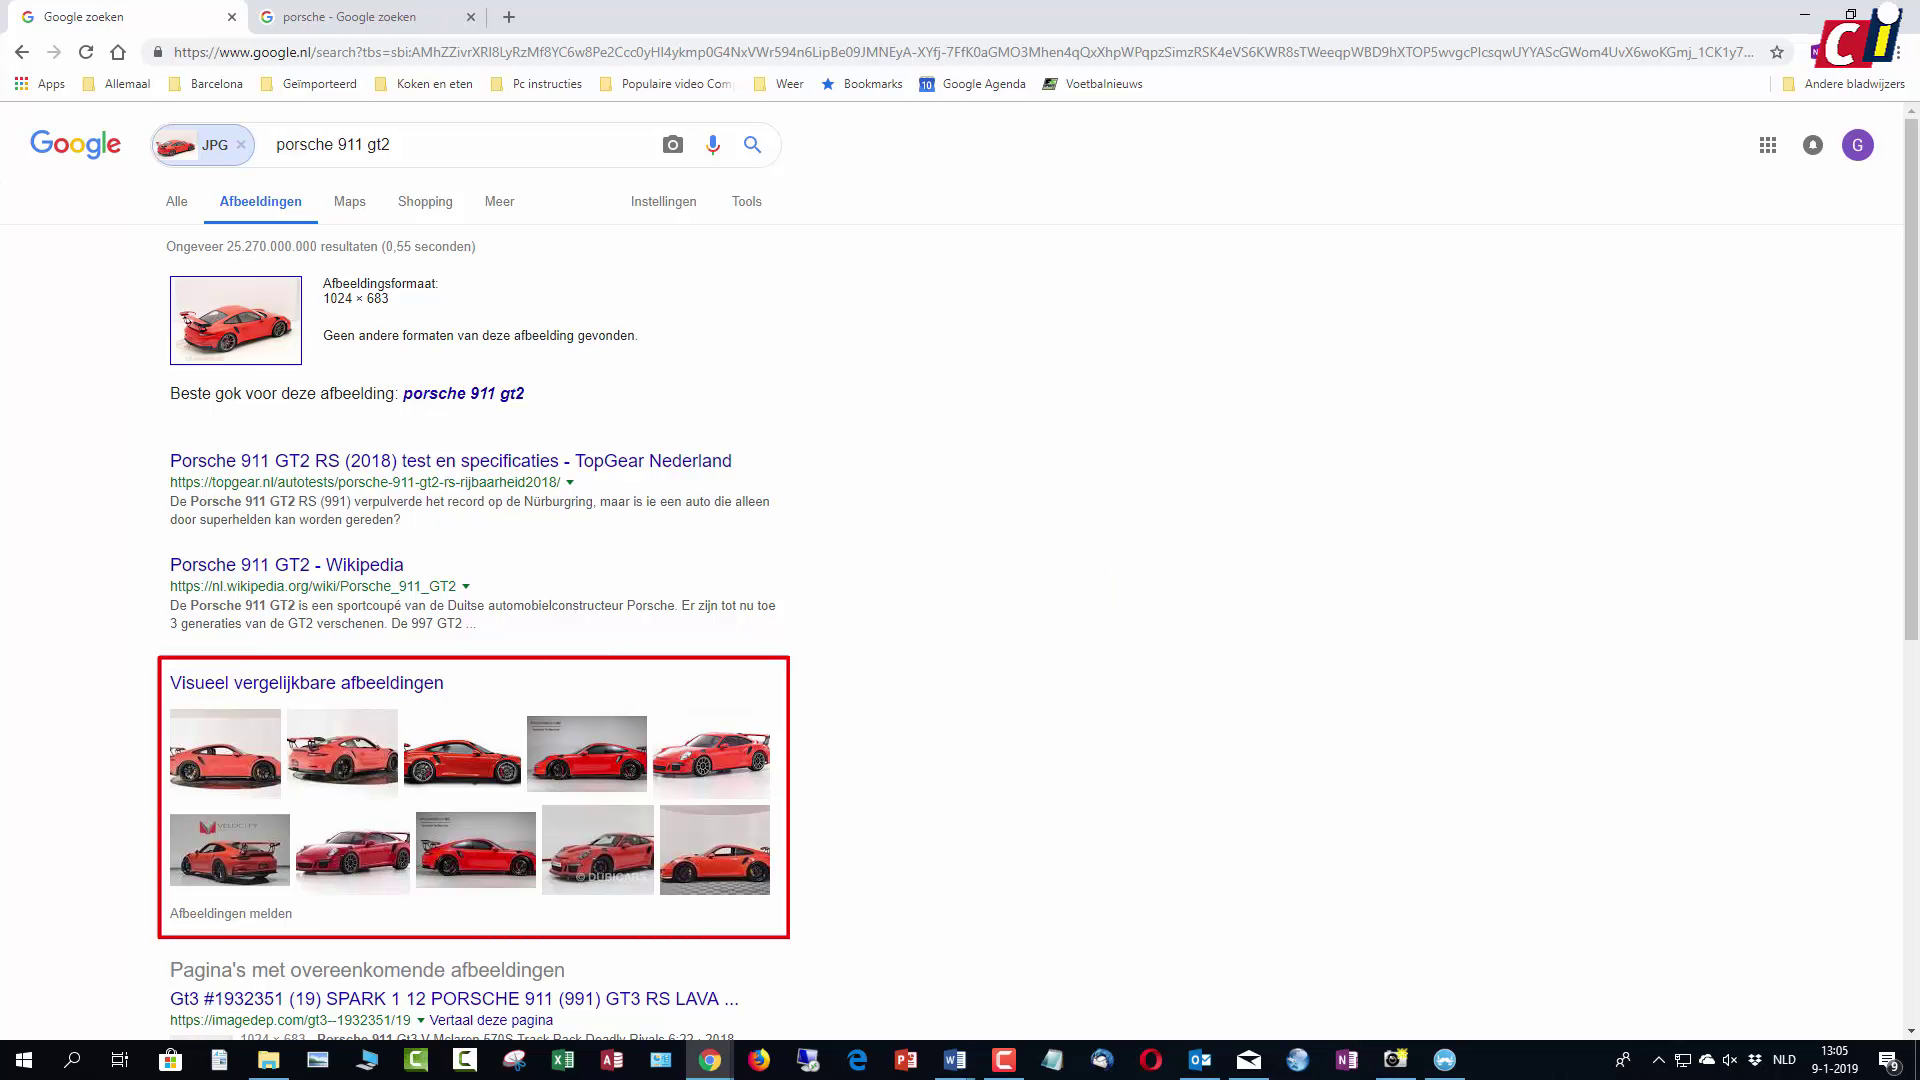 Afbeeldingen Zoeken Windows 7